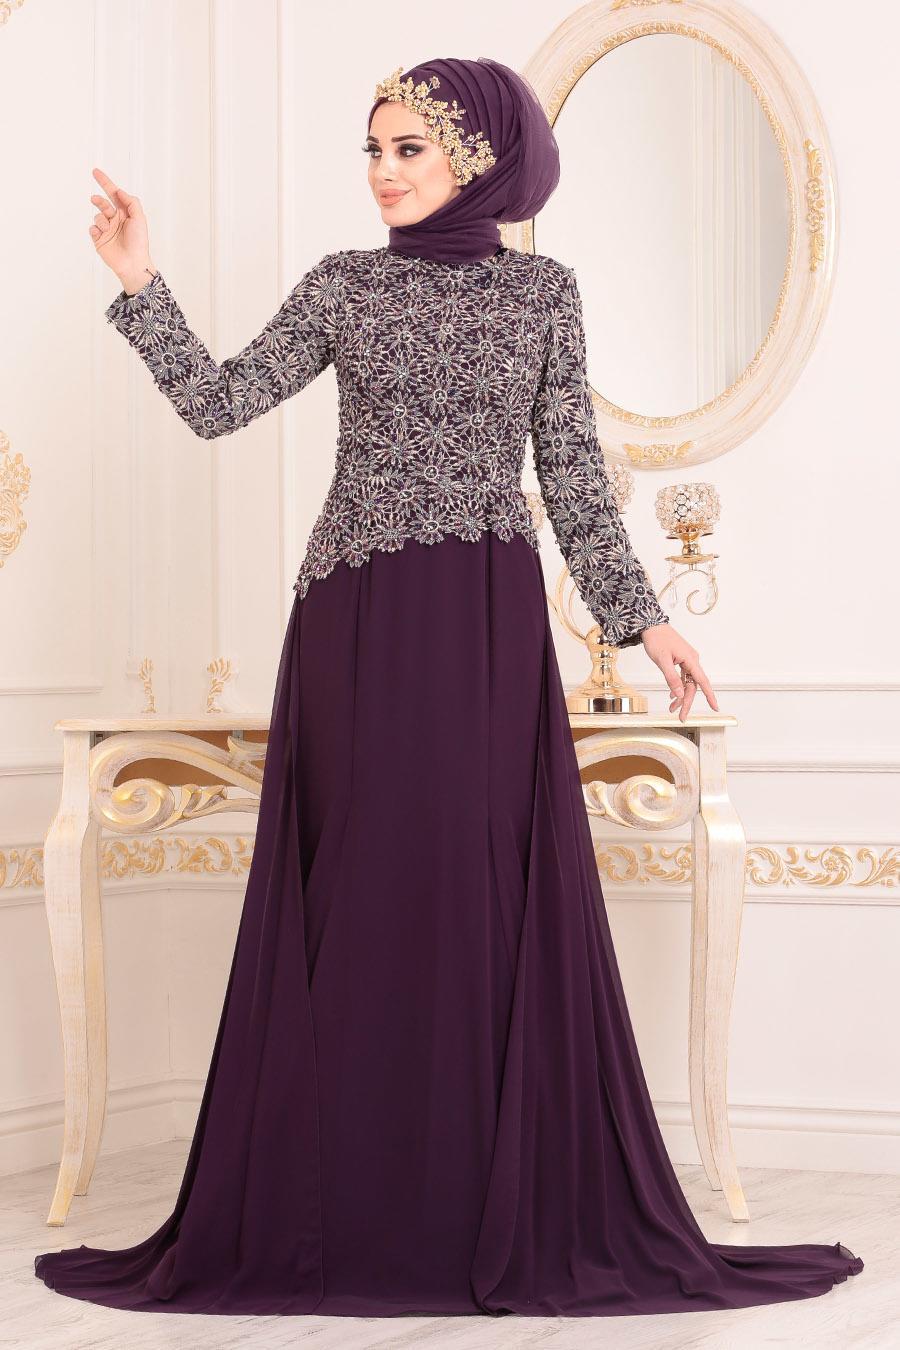 Tesettürlü Abiye Elbise - Dantel Detaylı Mürdüm Tesettür Abiye Elbise 18770MU